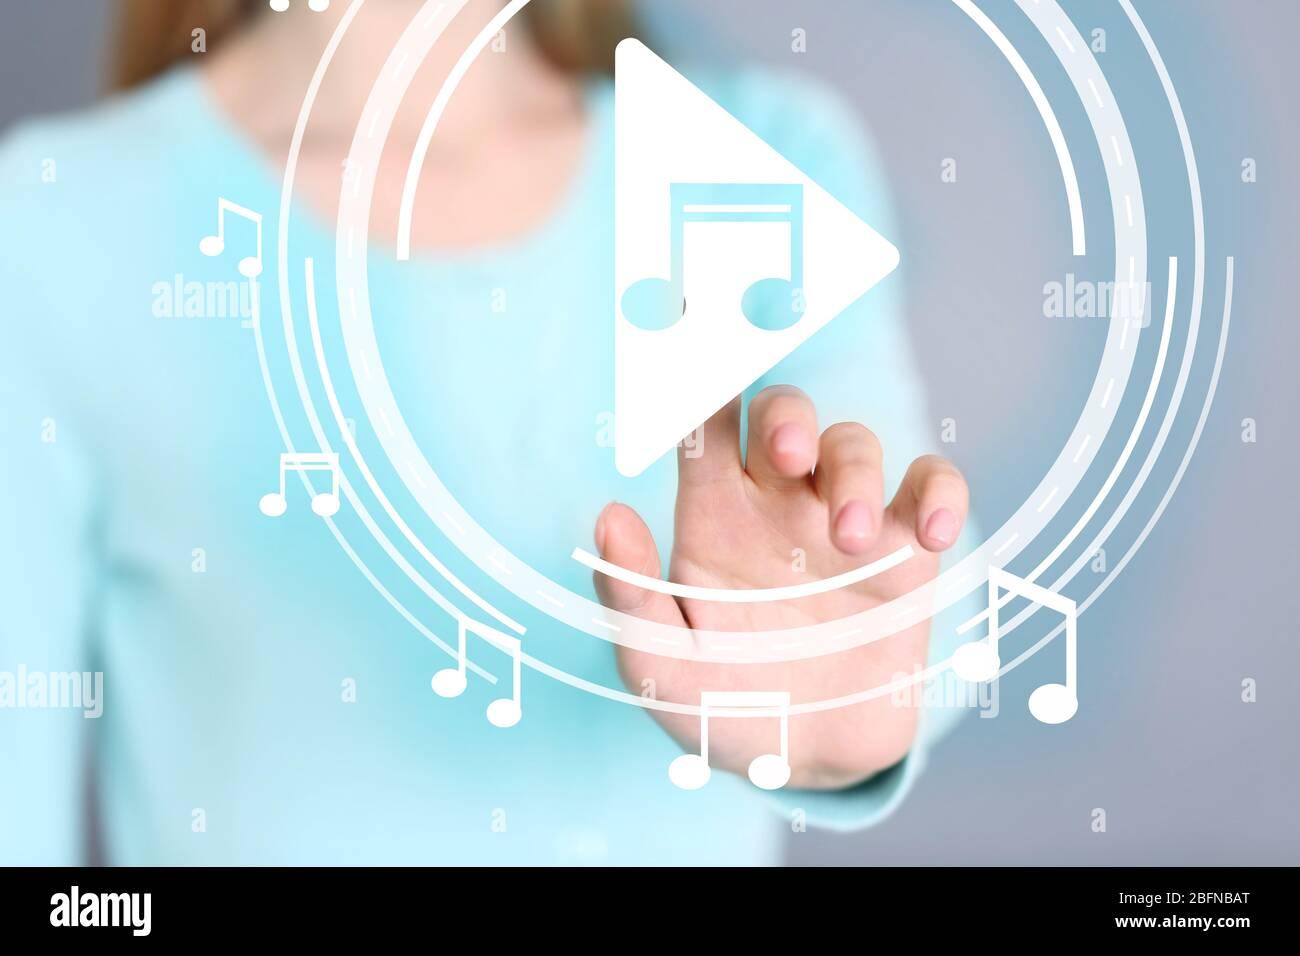 Frau drücken PLAY-Taste auf dem virtuellen Bildschirm, um Musik-Player, Nahaufnahme starten Stockfoto